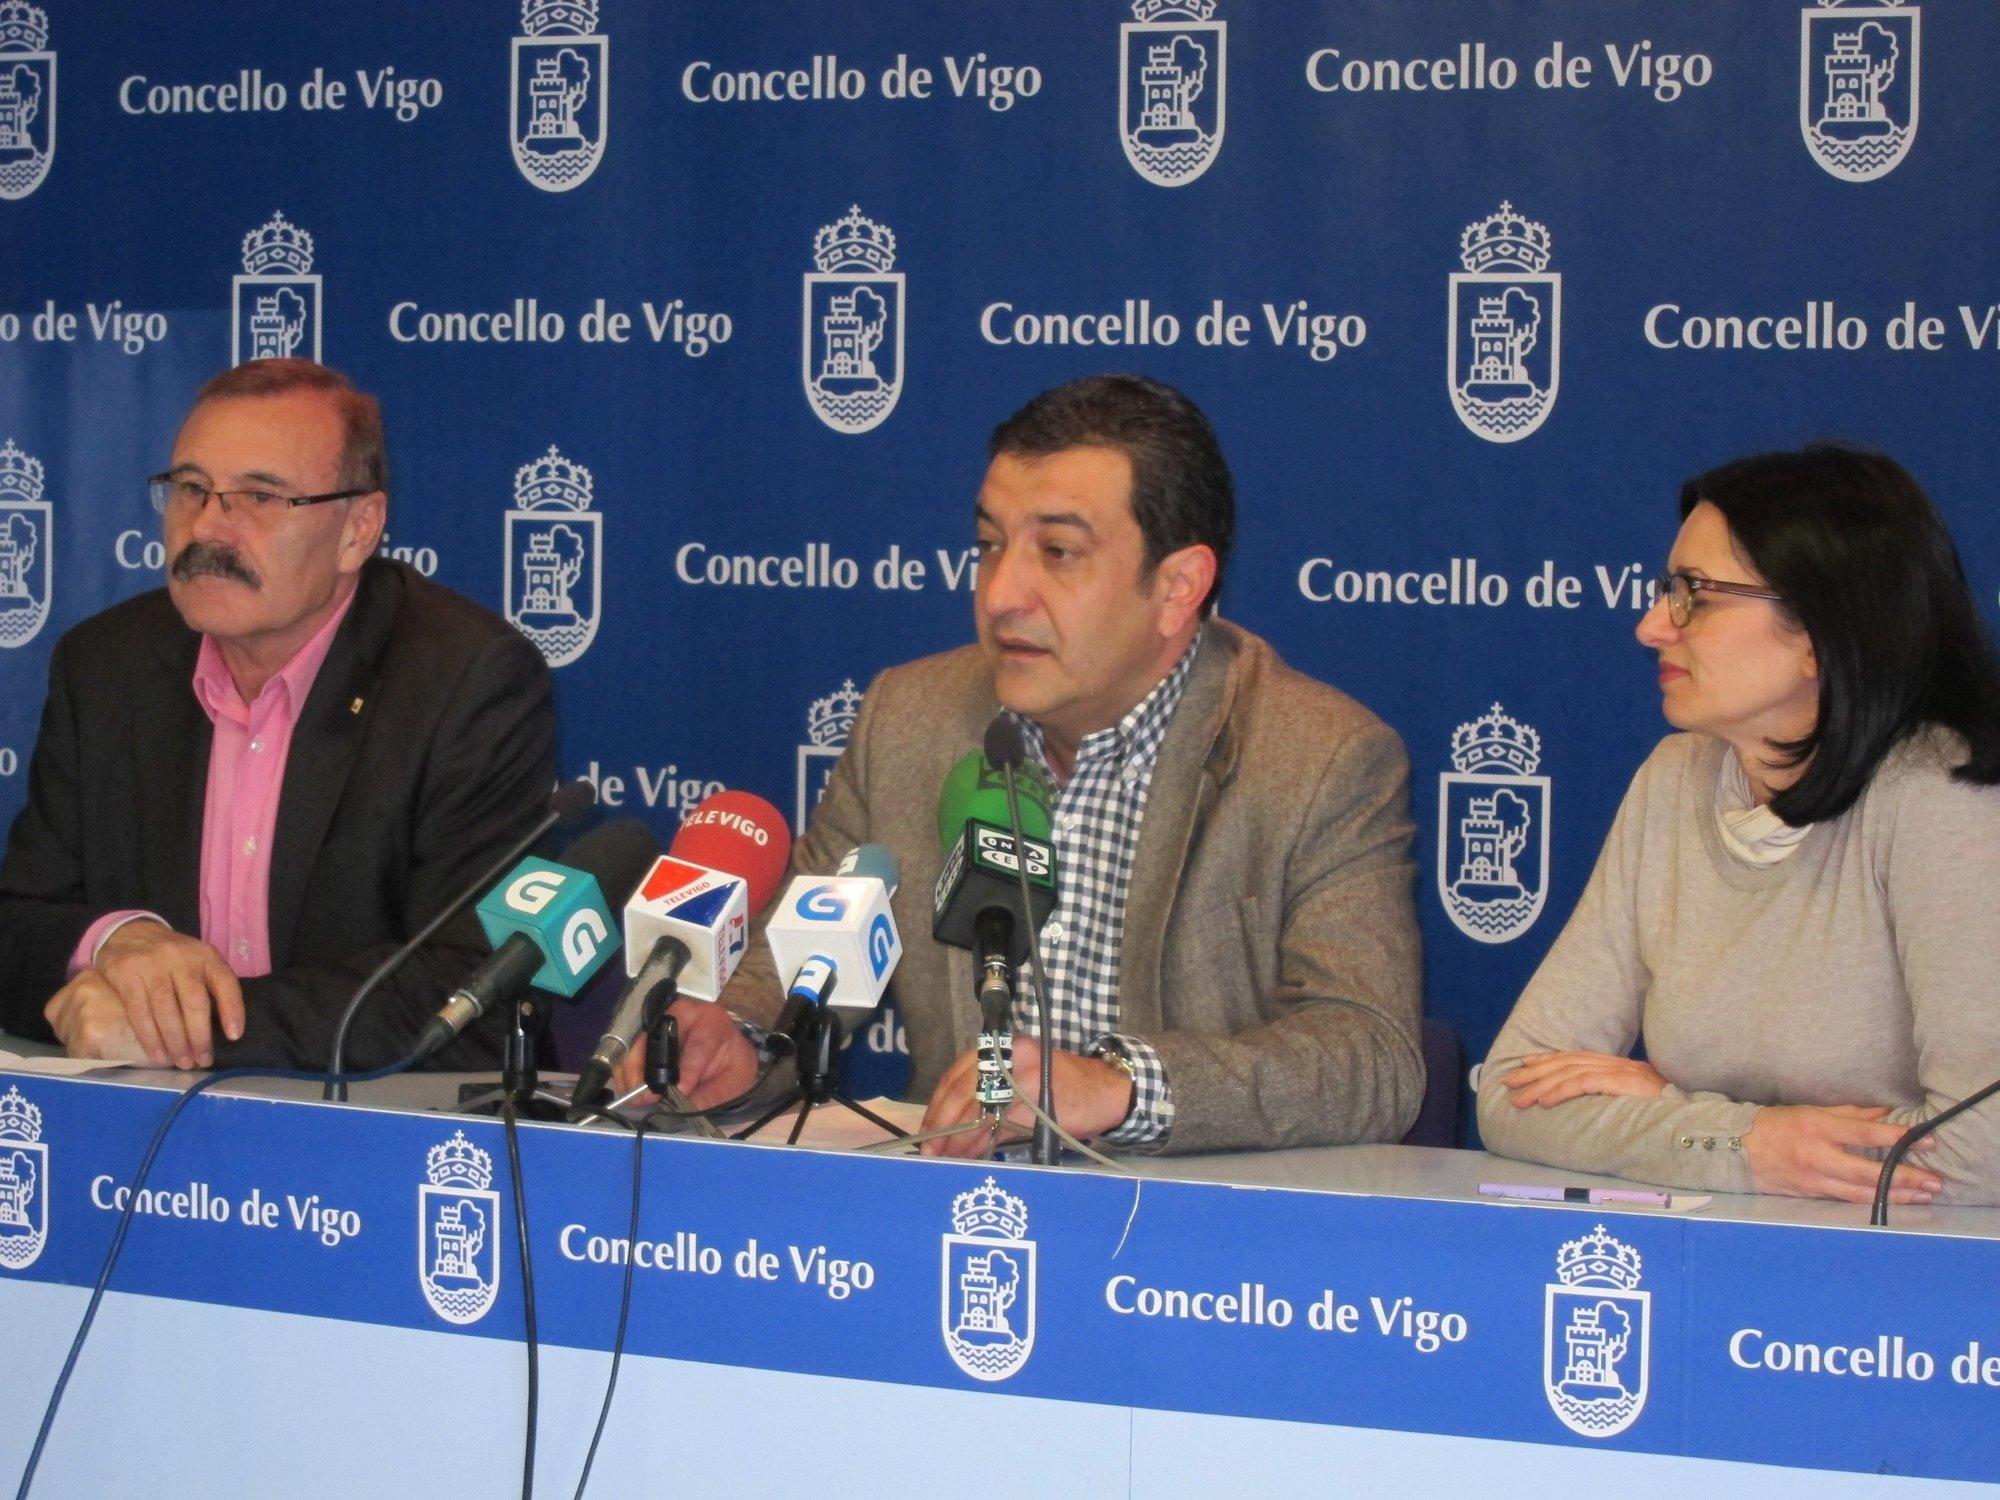 Domínguez aclara que la decisión de no reeditar gobierno con Caballero «sigue vigente», pero «ya se verá» en el futuro